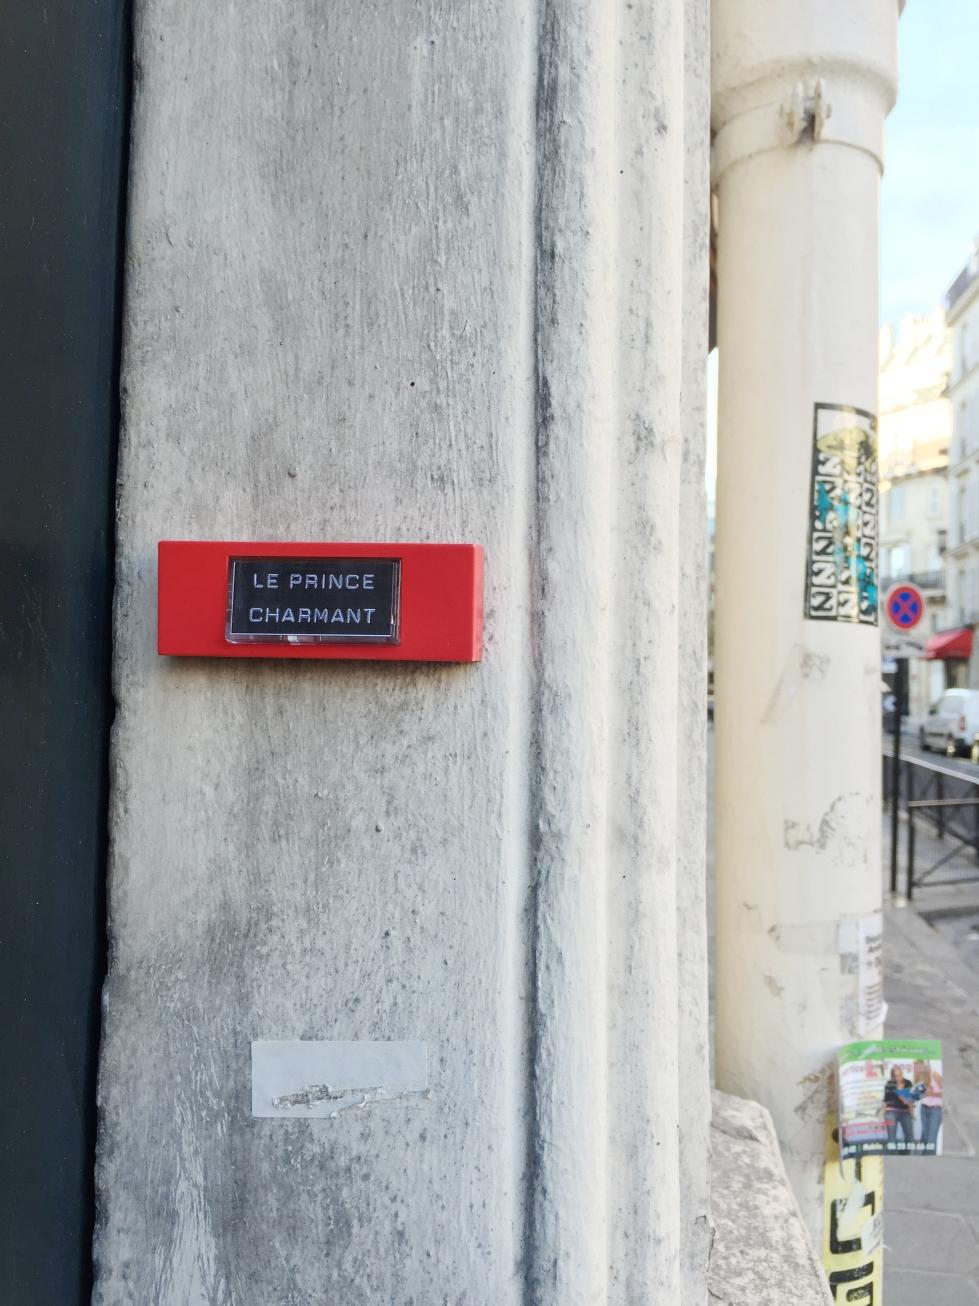 Tout près– Paris 9ème arrondissement – 2015 – Le Sonneur